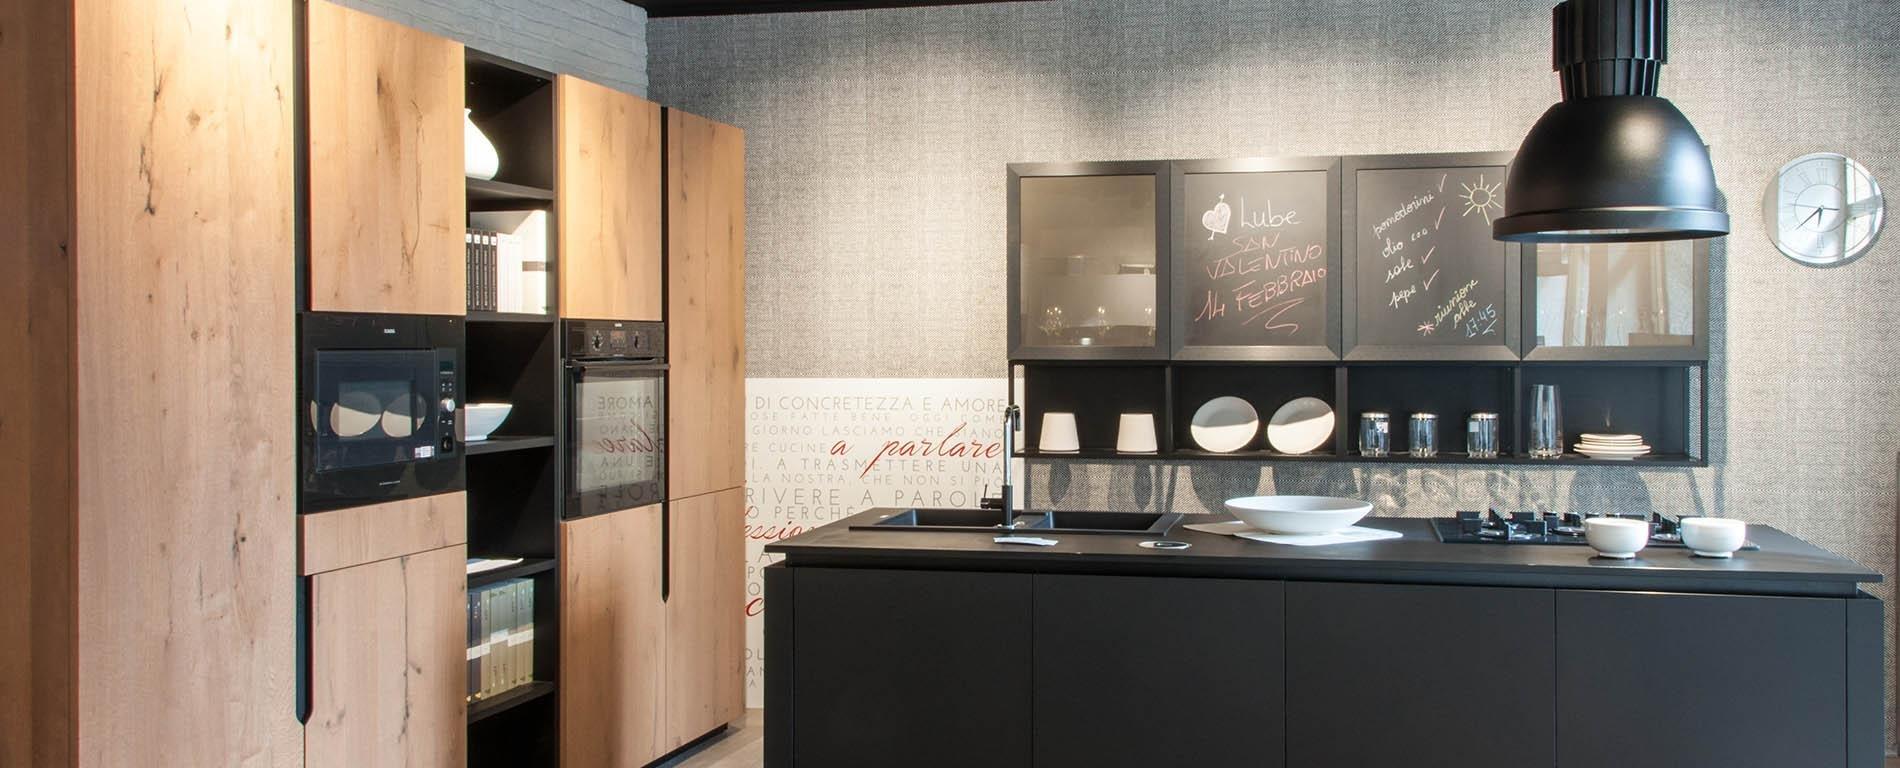 una cucina con mobili neri e in legno